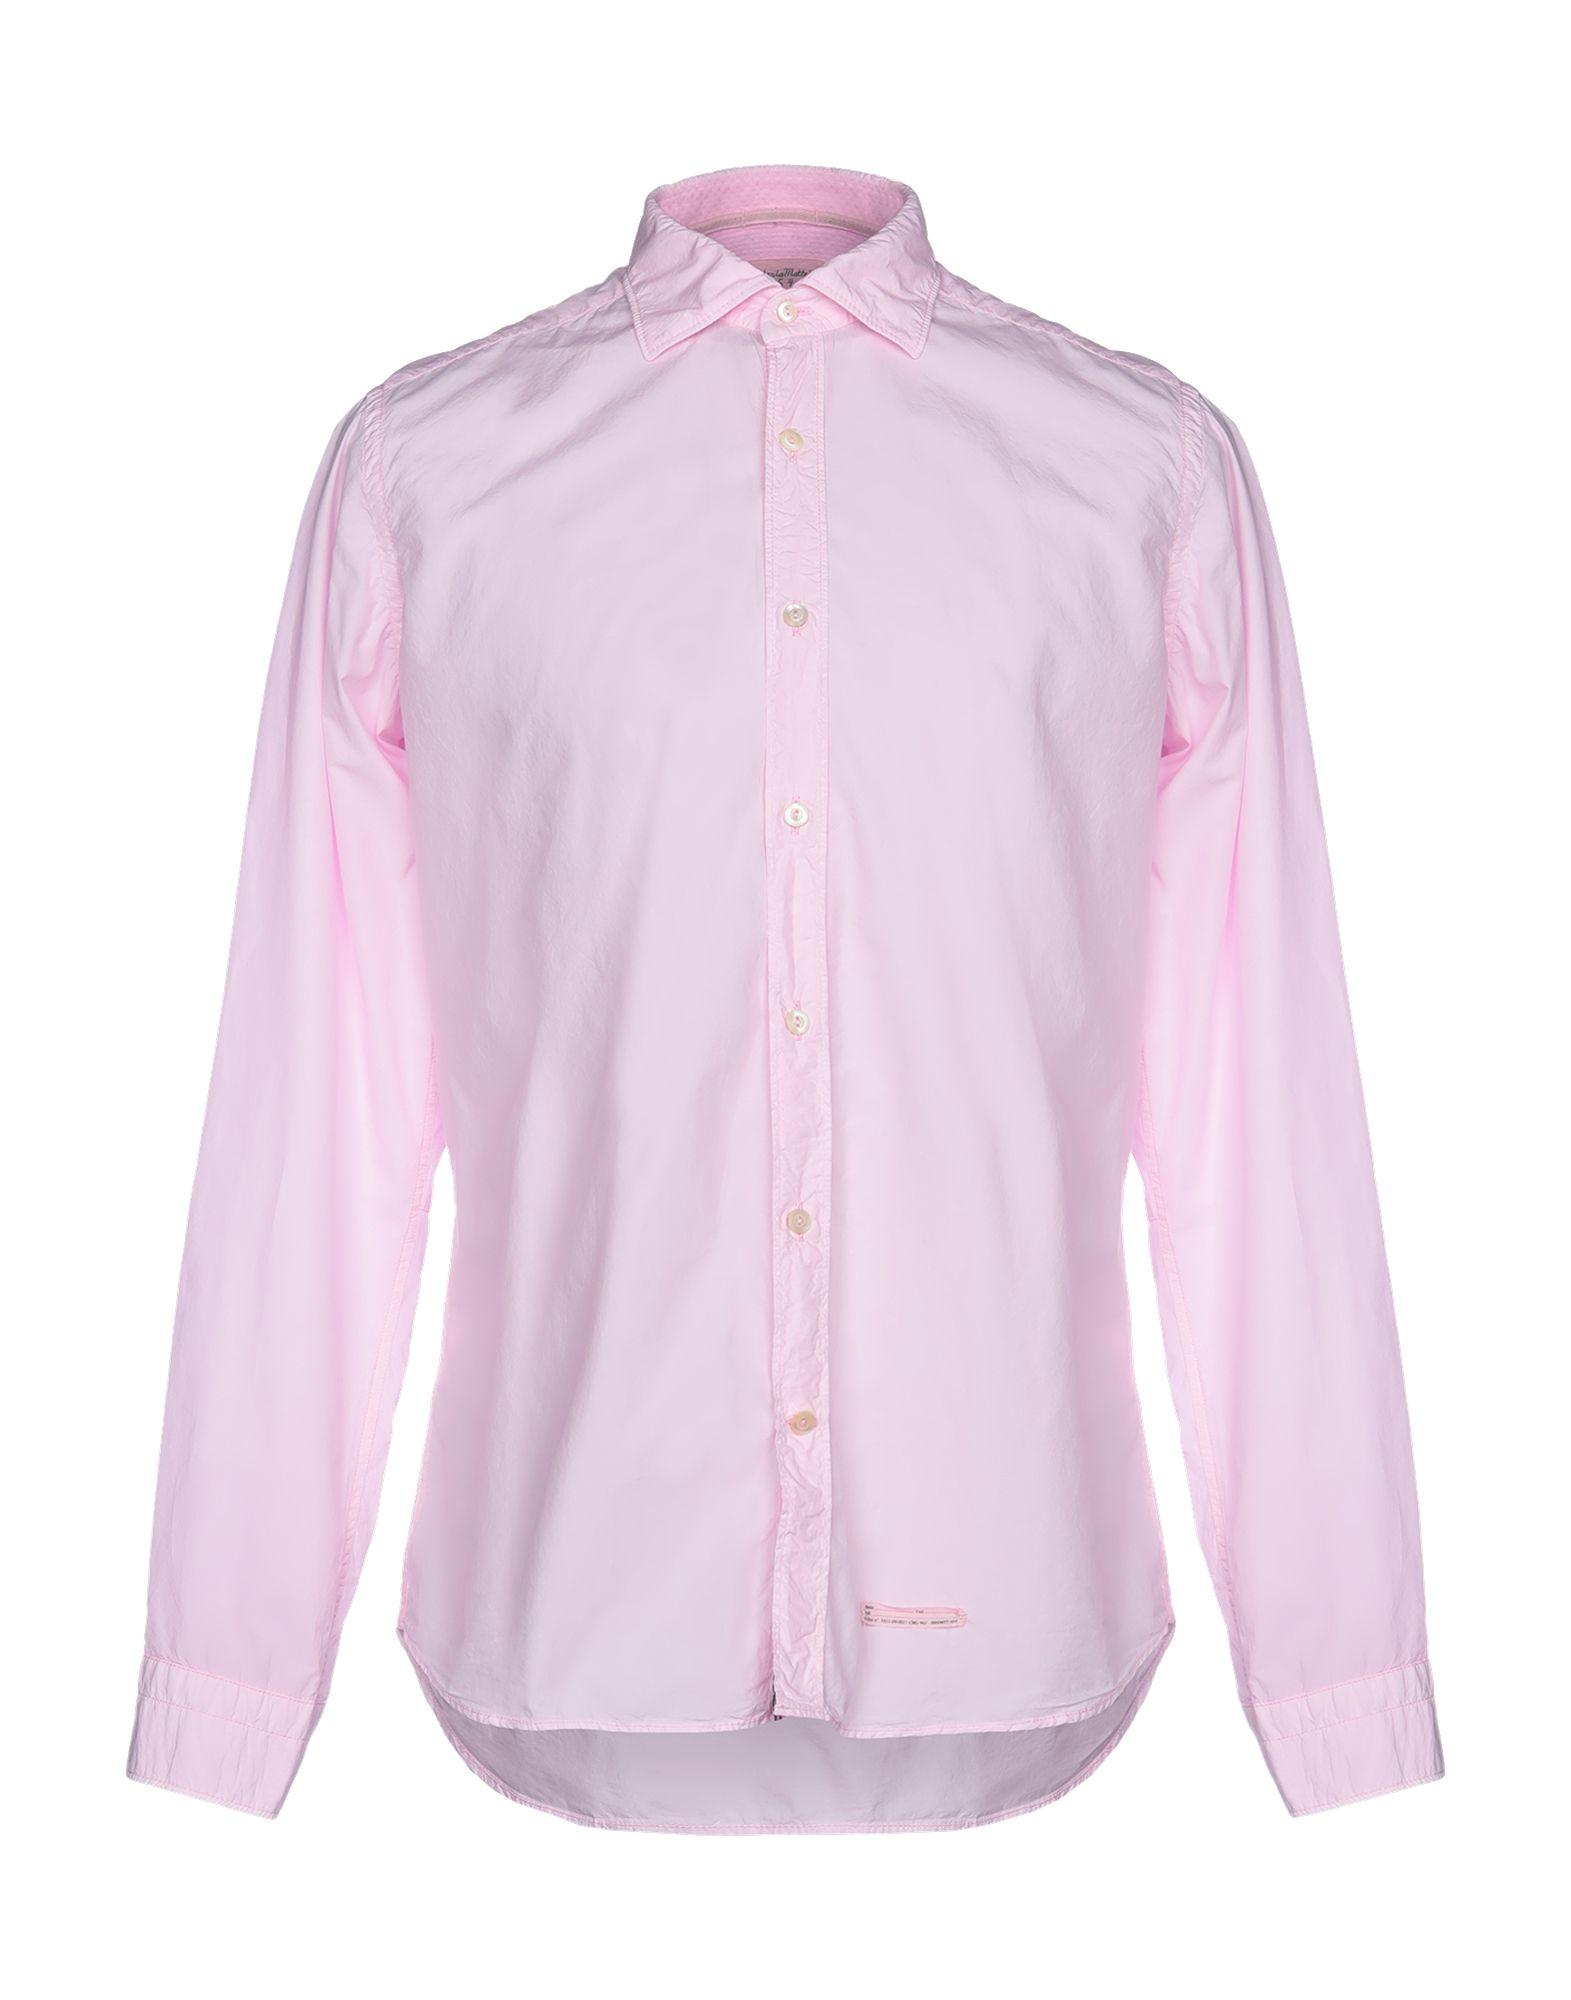 《送料無料》TINTORIA MATTEI 954 メンズ シャツ ピンク 41 コットン 100%